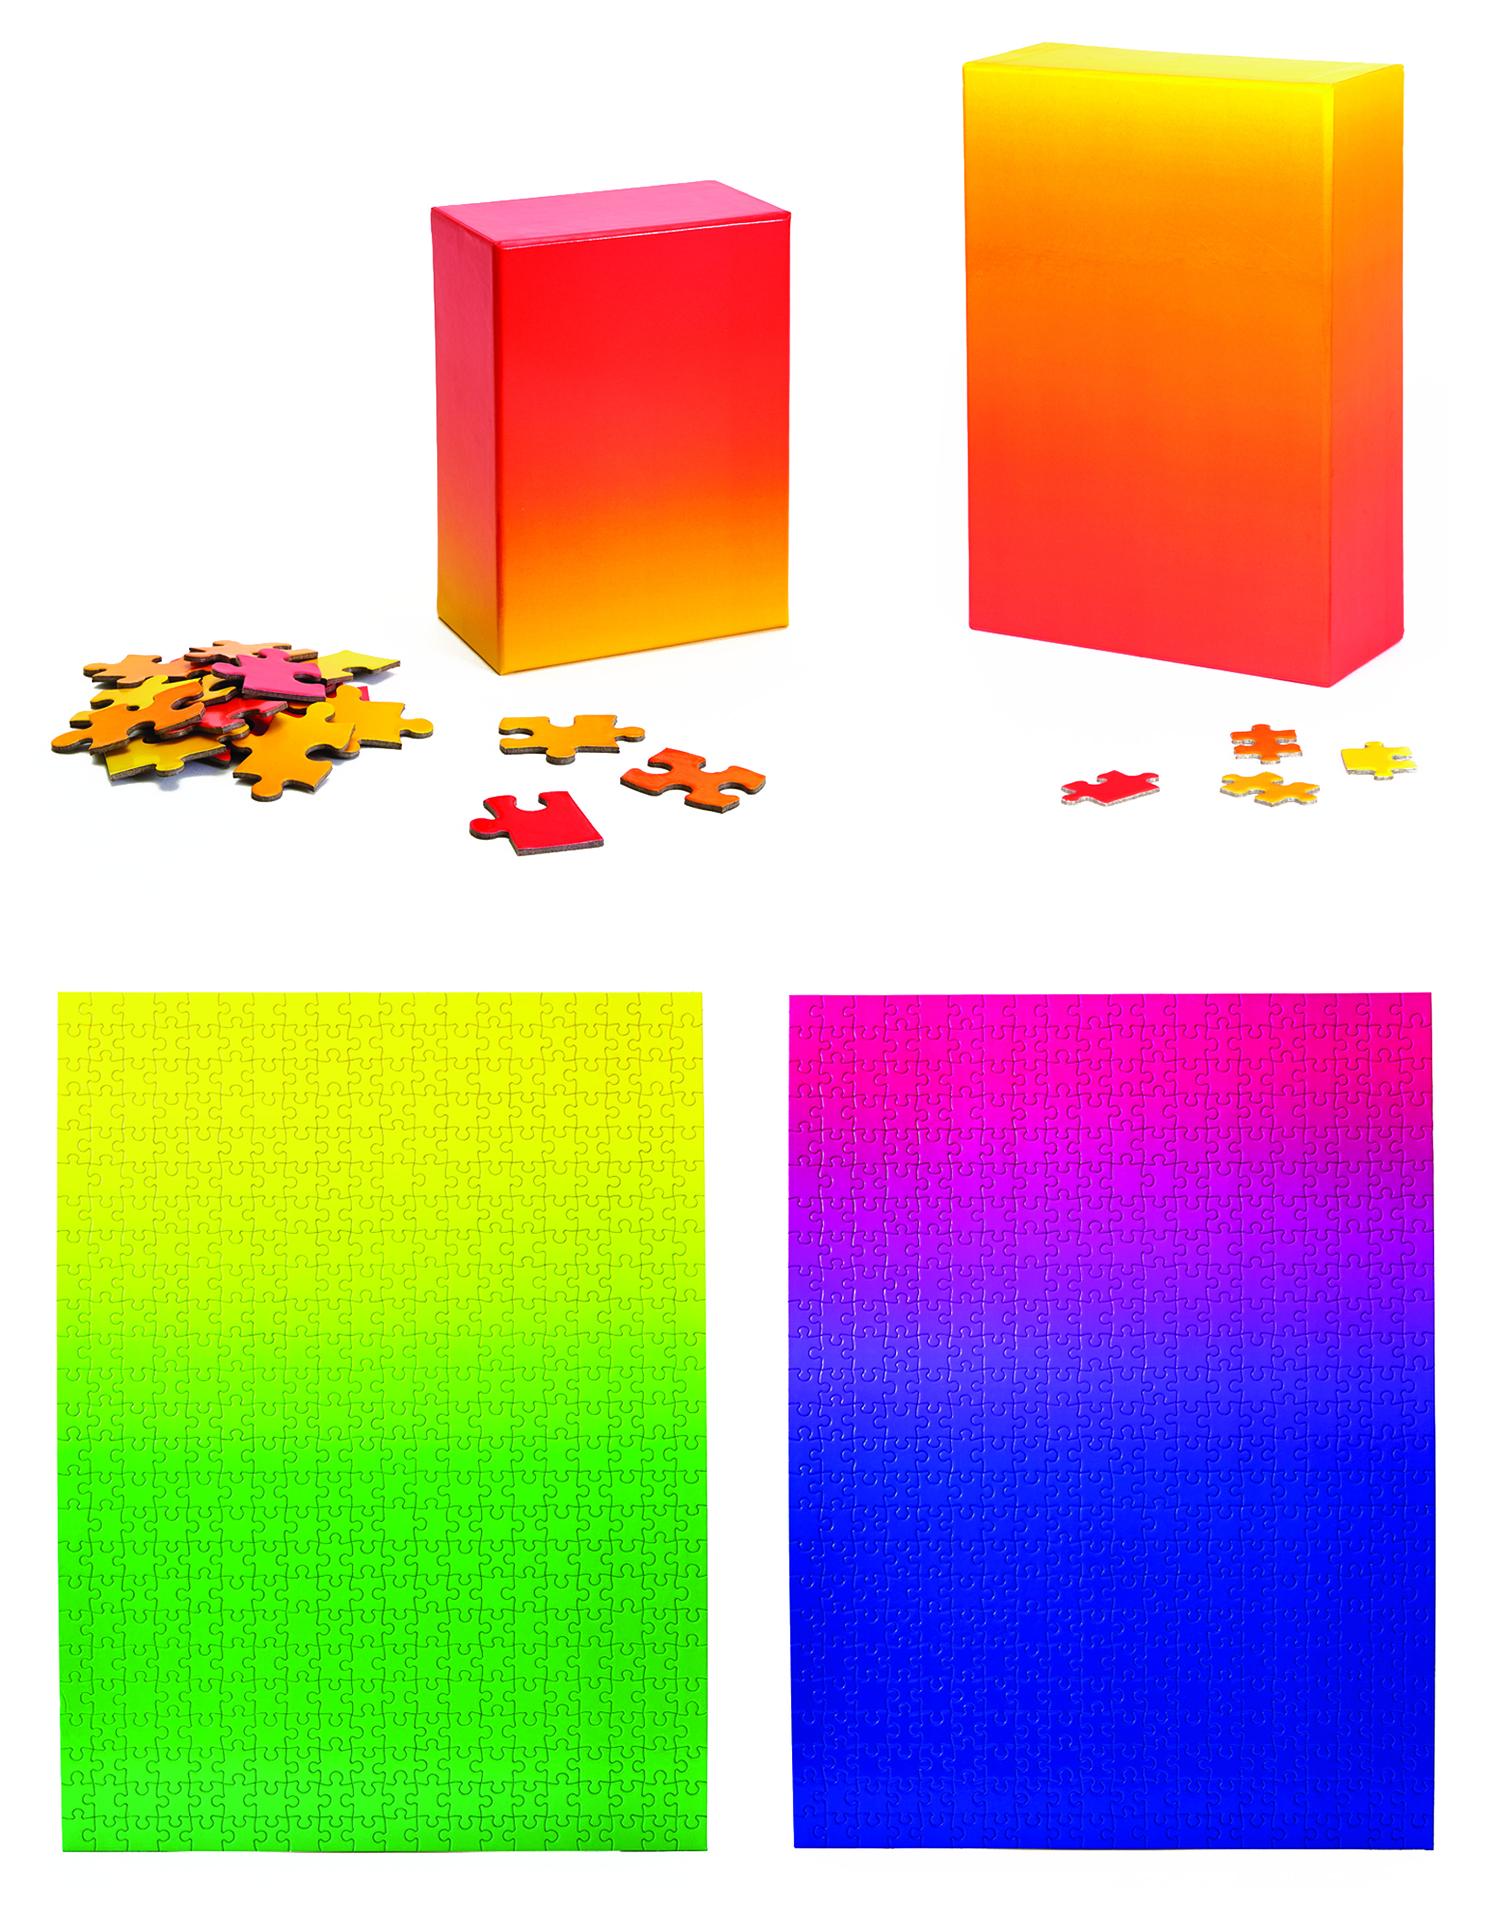 策展人:这款设计让拼图本身变的更简单,却也让游戏的过程更具挑战性,很喜欢这样的设计理念。 - 这款渐变色拼图为玩家提供了一种在趣味中感知色彩之美的机会。要将它们拼接在一起靠的不是一蹴而就,而是耐心,每片拼图的颜色都对应着一个既定的位置。